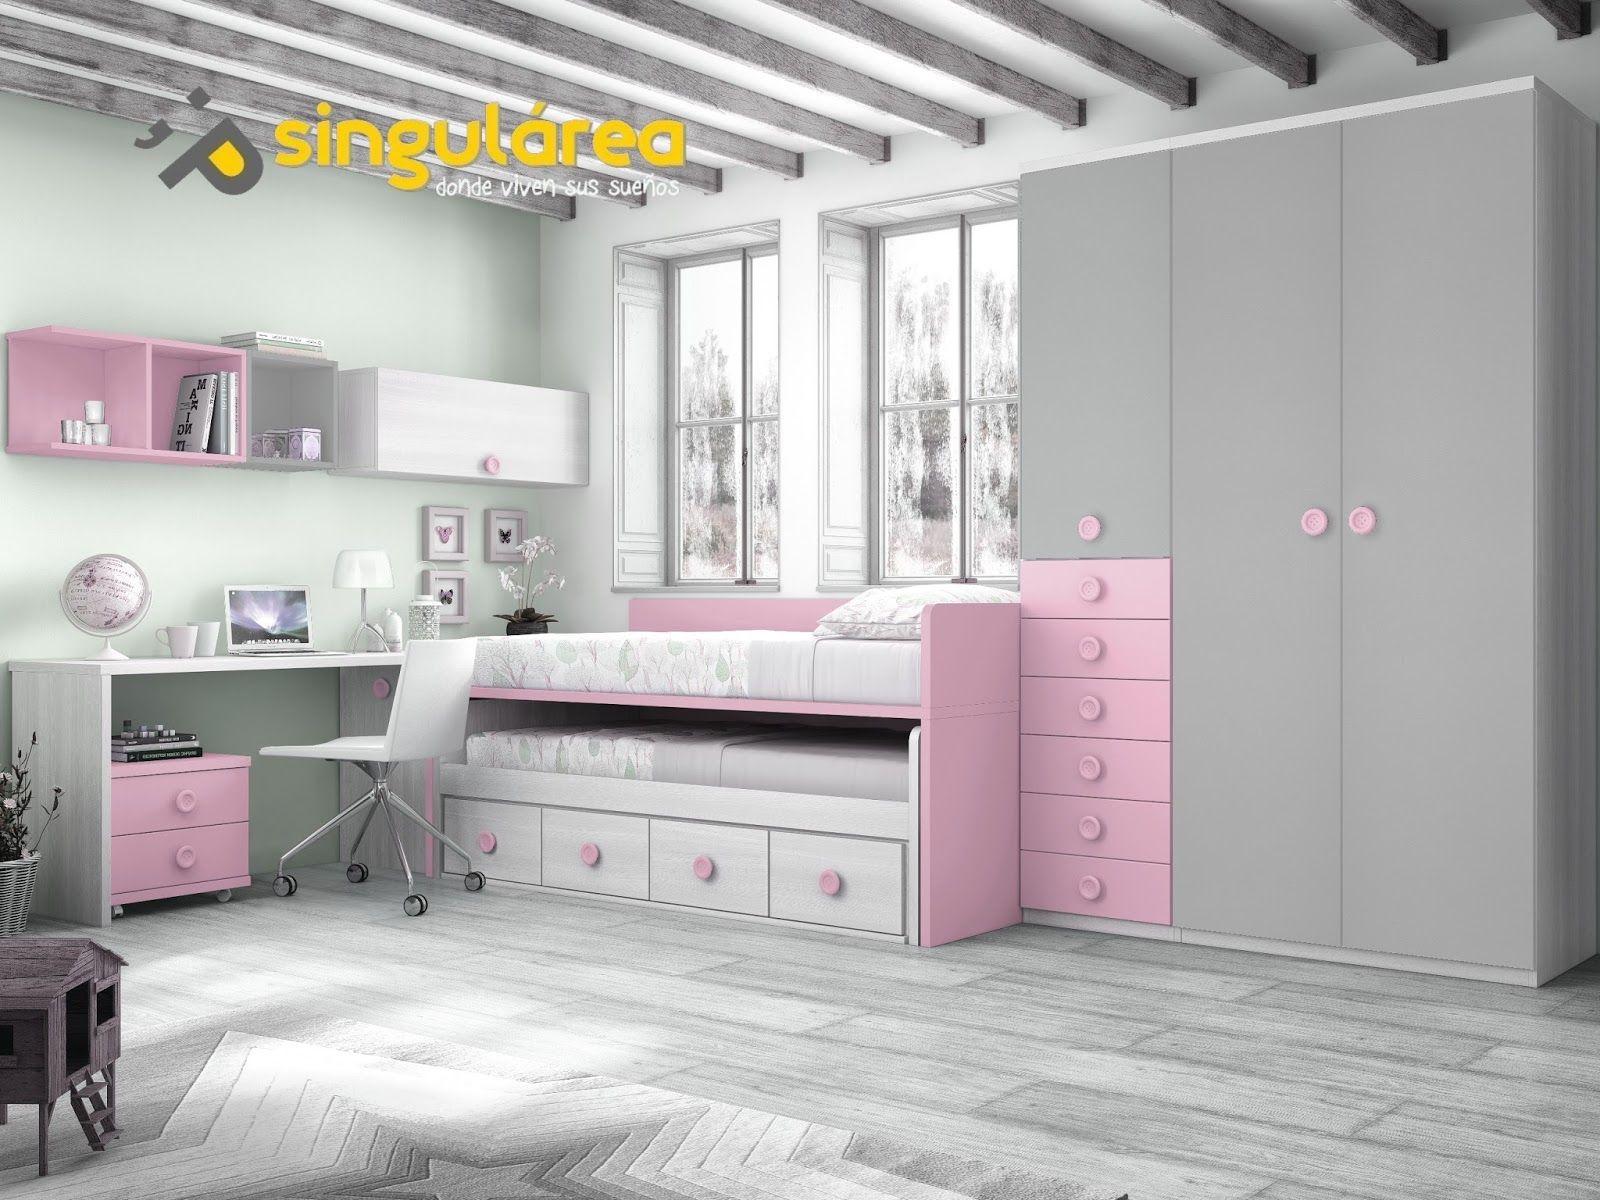 Dormitorio juvenil 605ct278 muebles dormitorios for Muebles zapateros juveniles